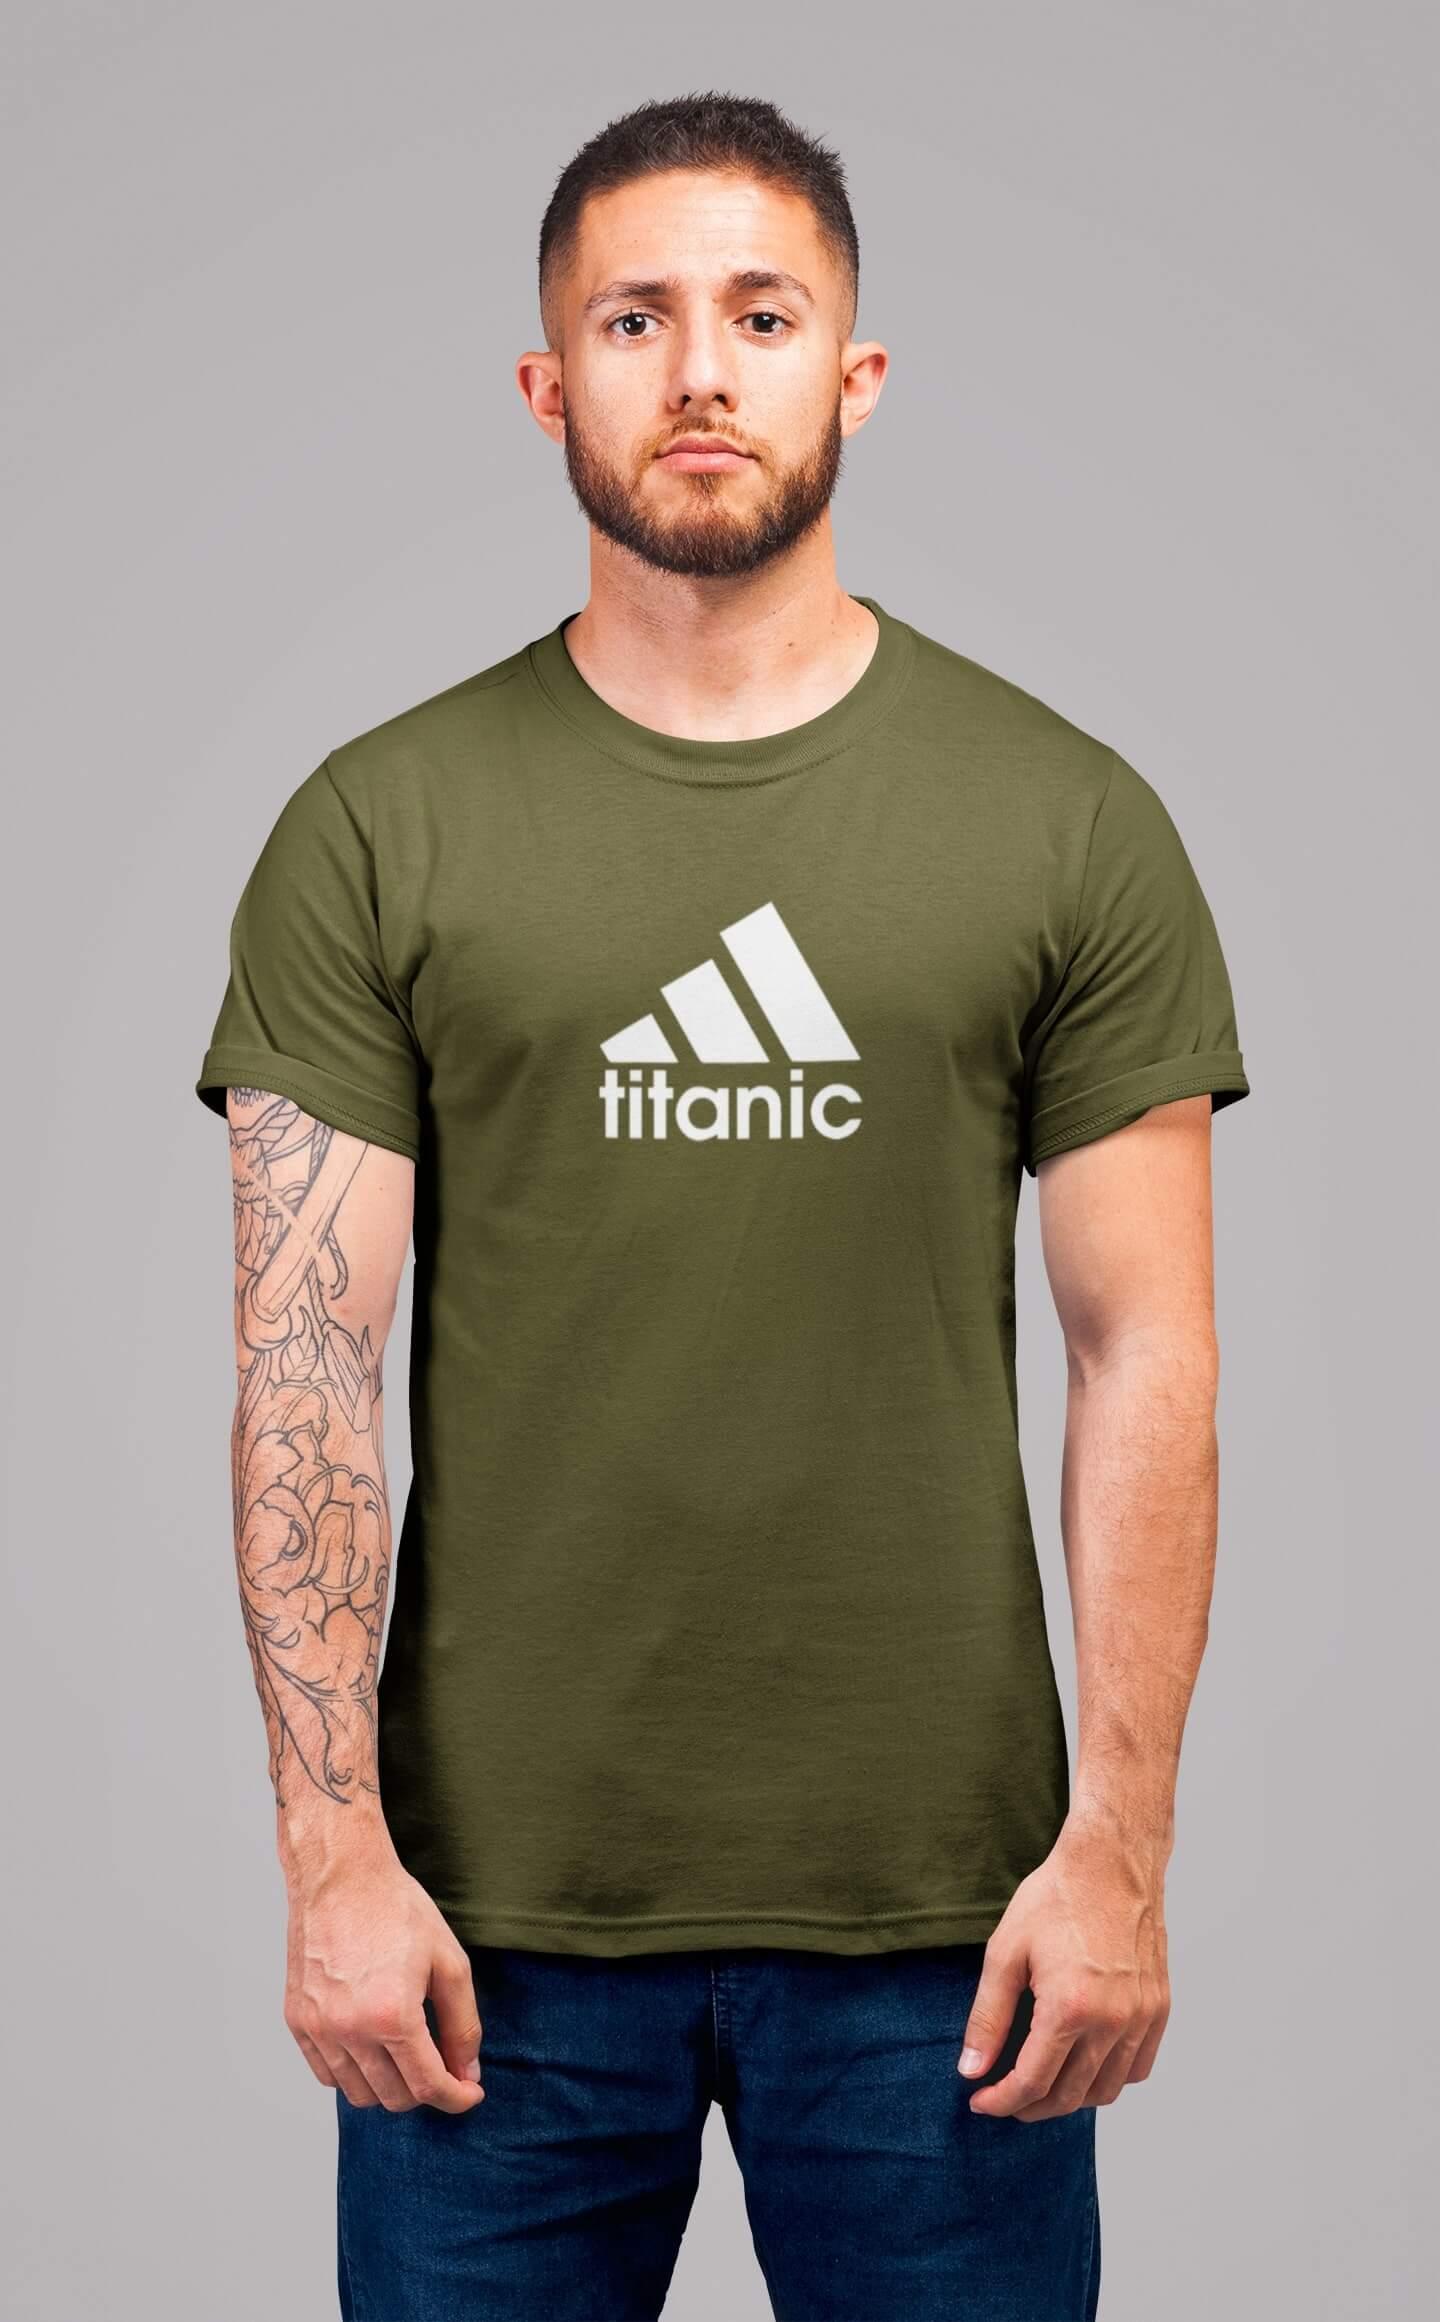 MMO Pánske tričko Titanic Vyberte farbu: Khaki, Vyberte veľkosť: 2XL